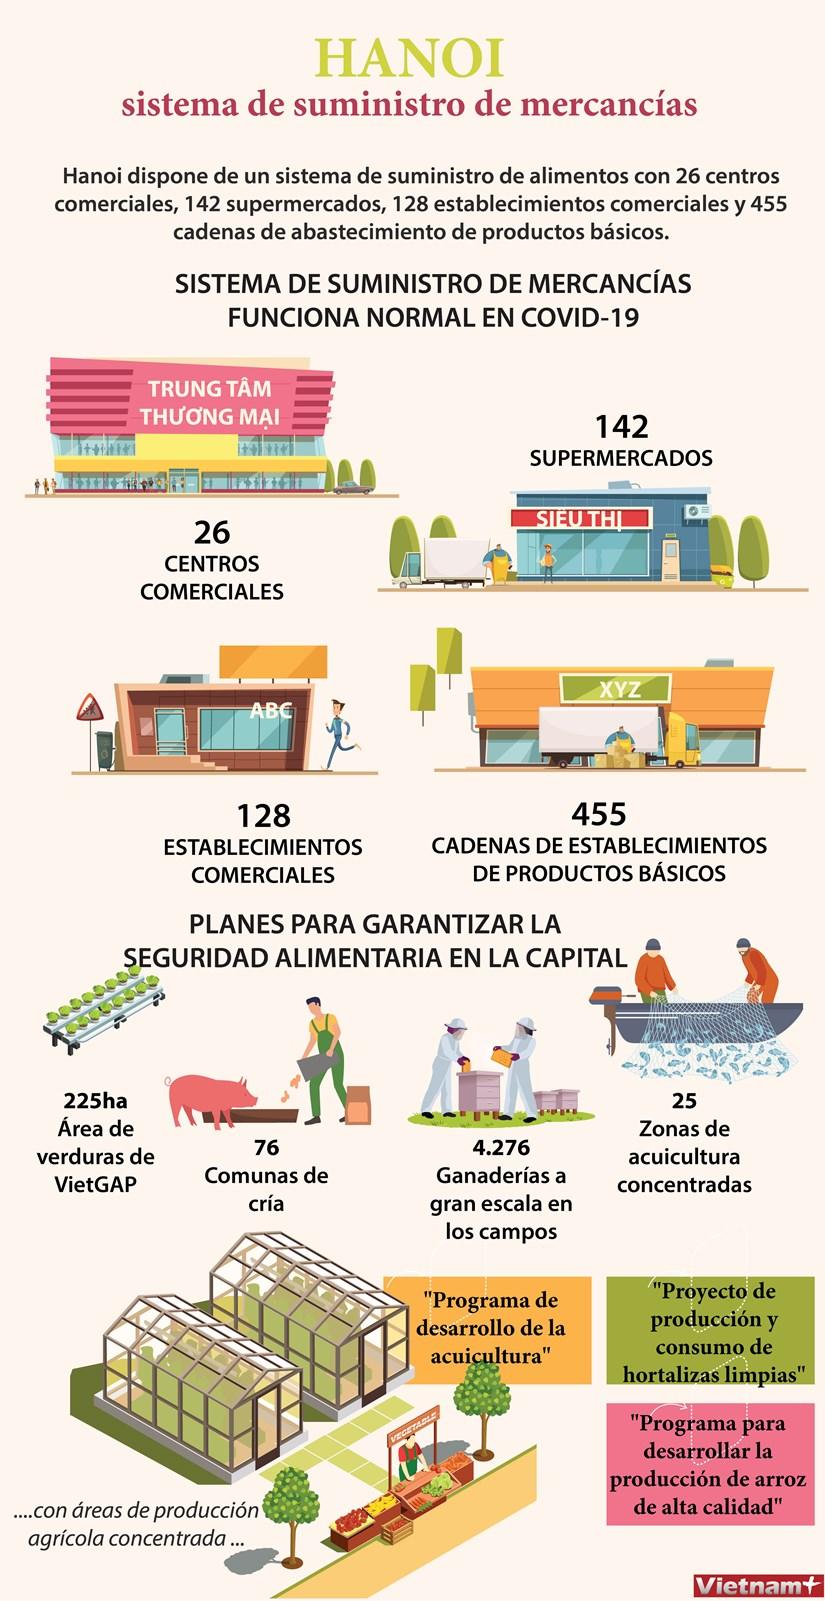 [Info] Sistema de suministro de alimentos en Hanoi hinh anh 1